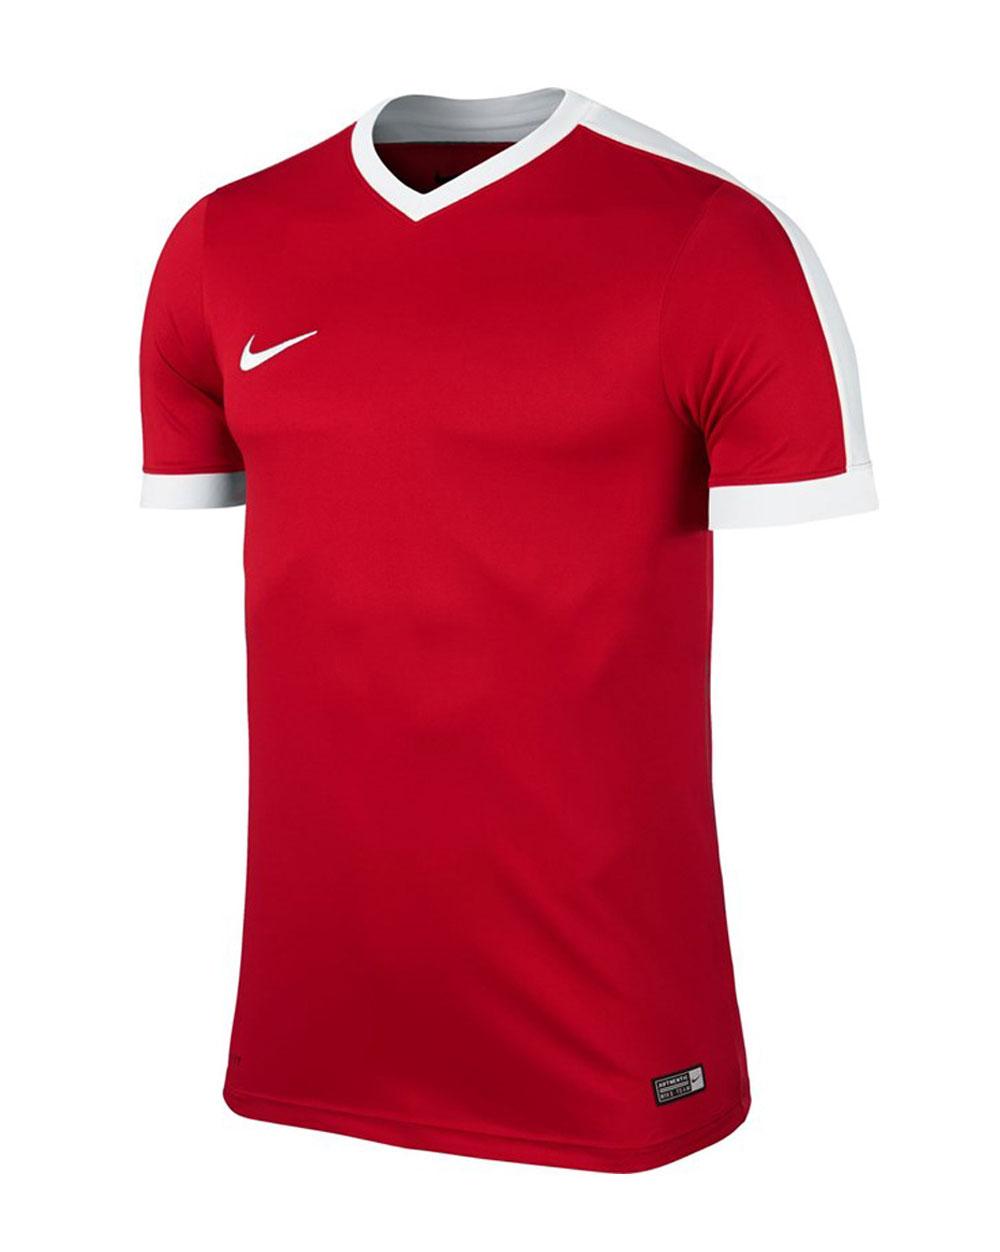 The Futbol Store - Camisetas de fútbol Nike y Adidas desde  339 1da6cd7b16972